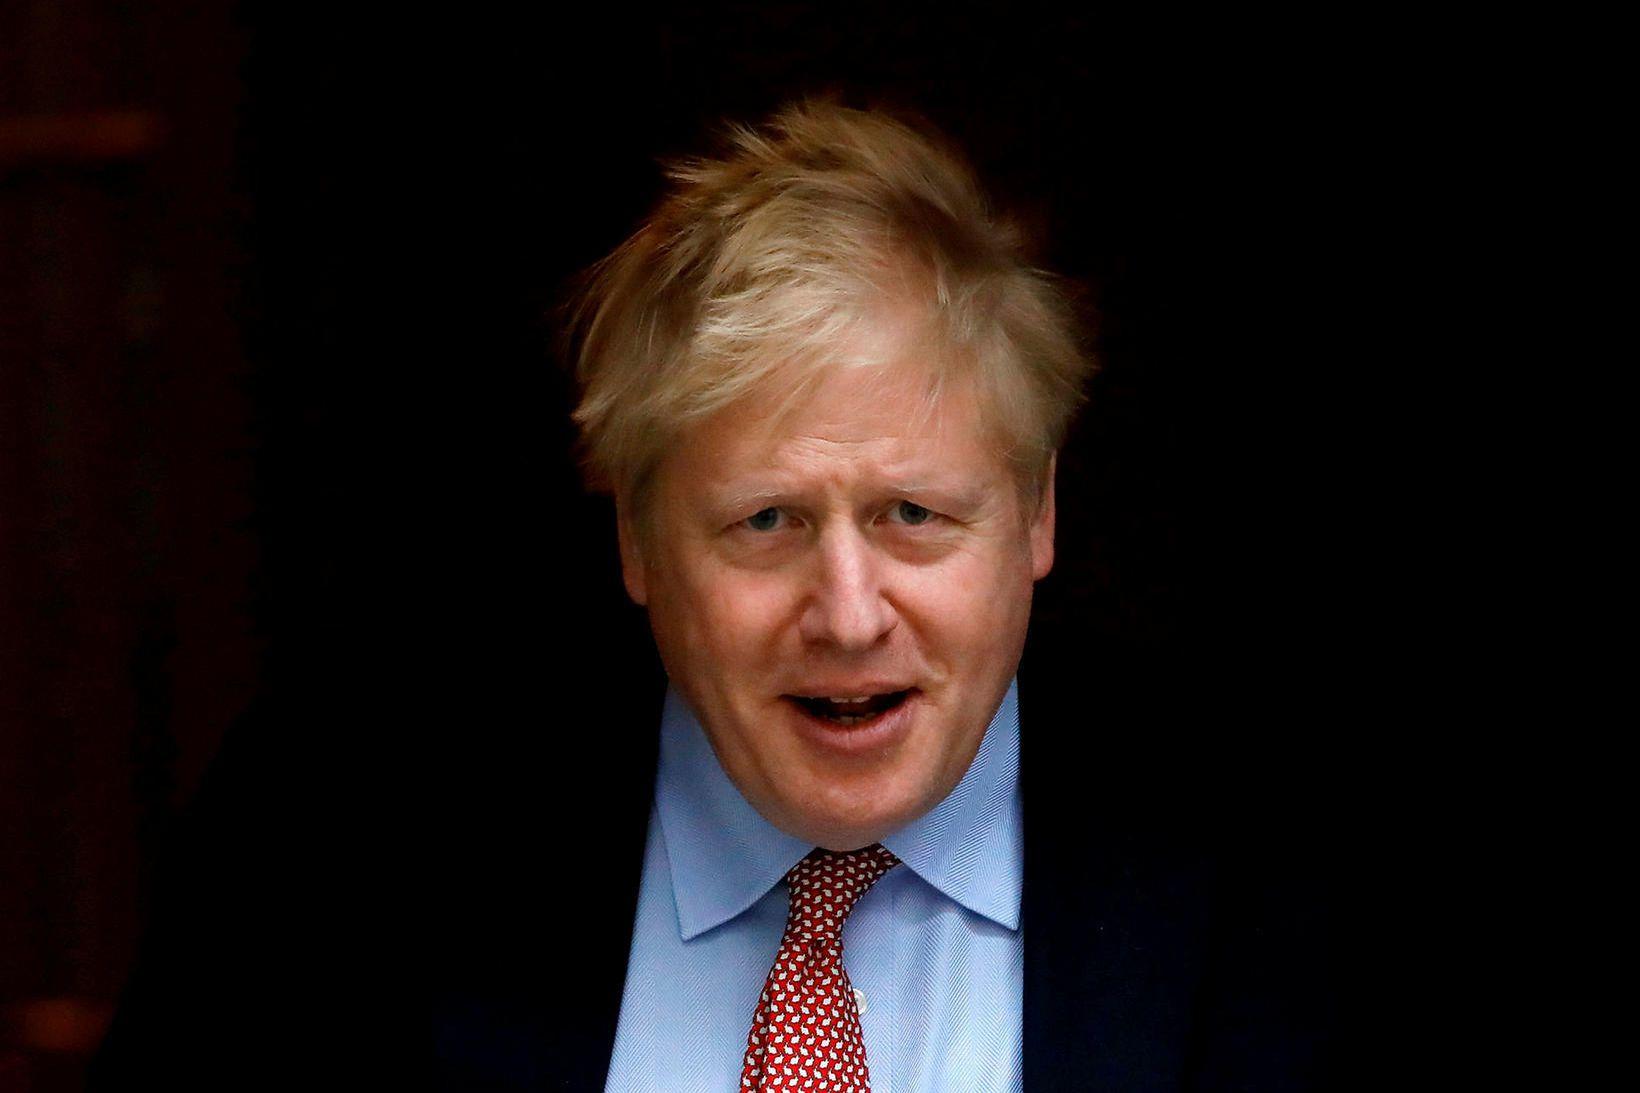 Boris Johnson forsætisráðherra Bretlands svarar meðferð vel.